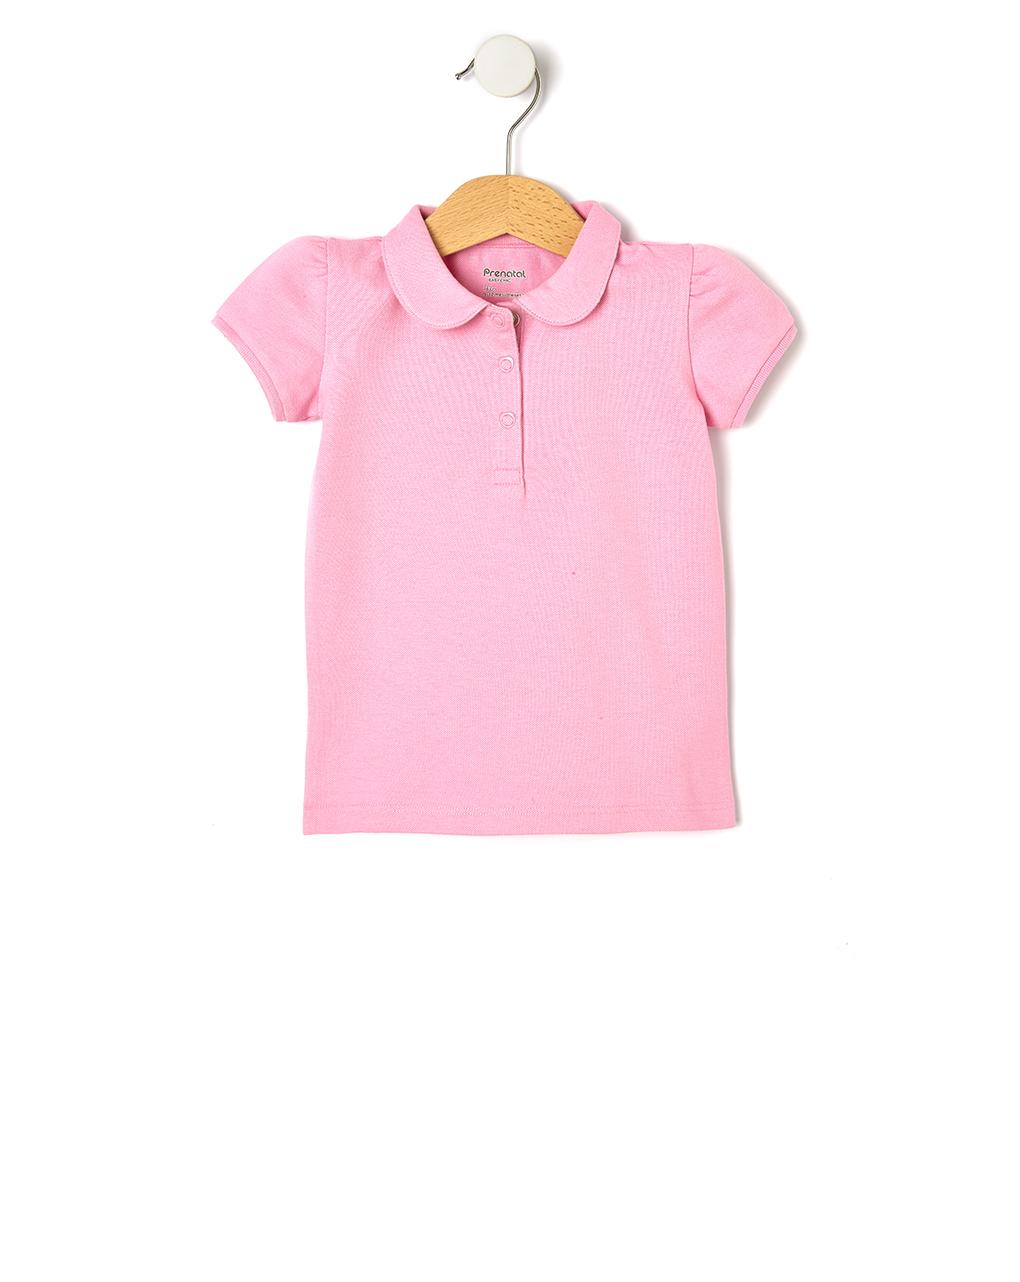 Πόλο Πικέ Basic Ροζ για Κορίτσι